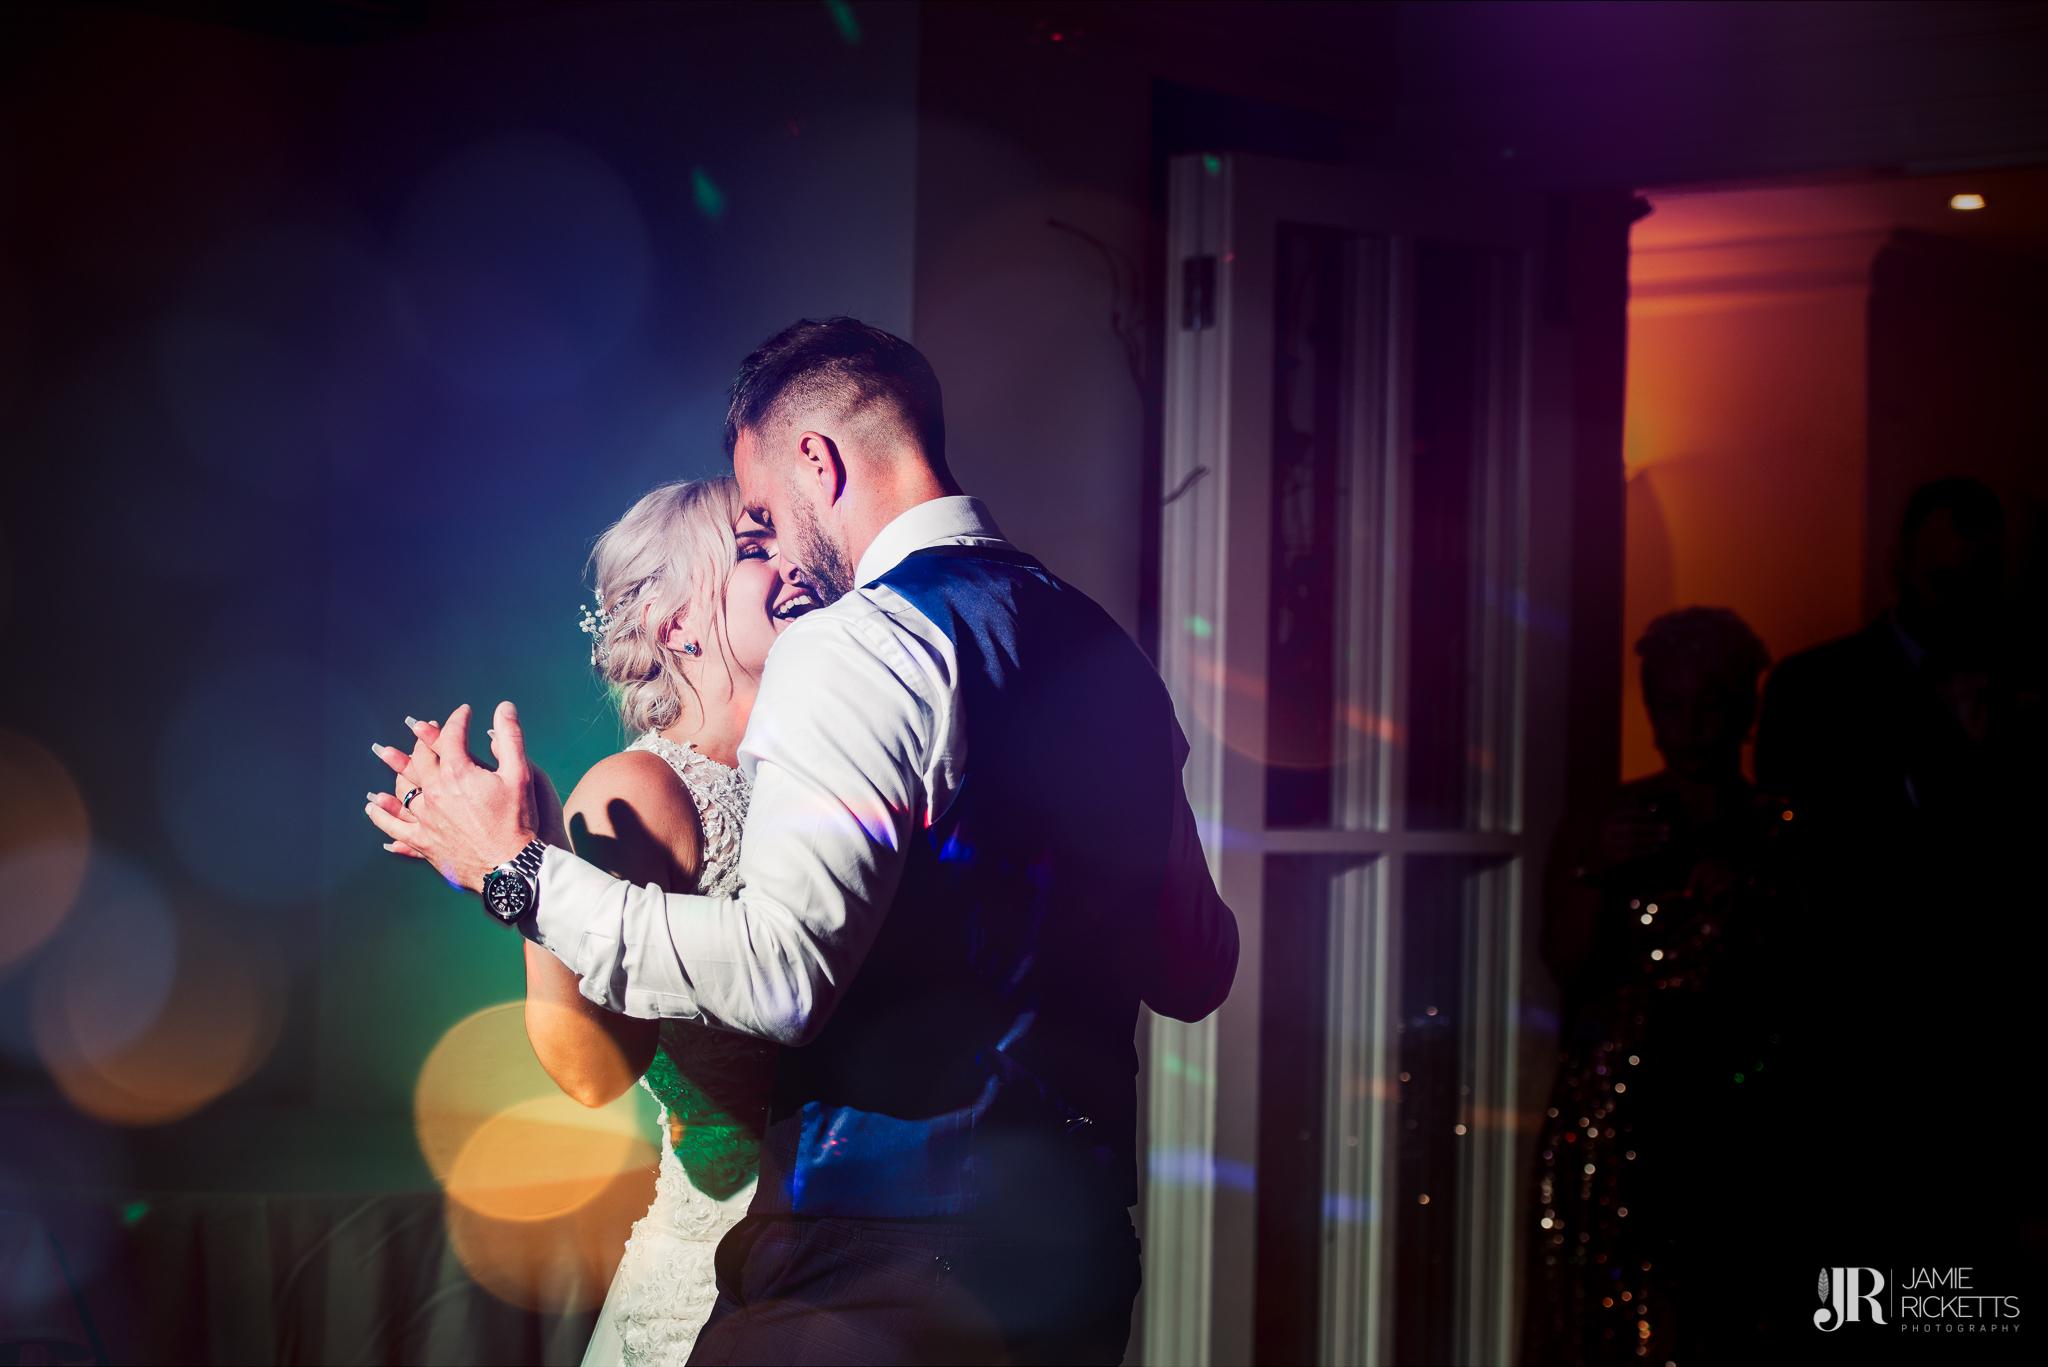 SAMBELLS WEDDING-27.05.2018-JR-286-Edit.jpg